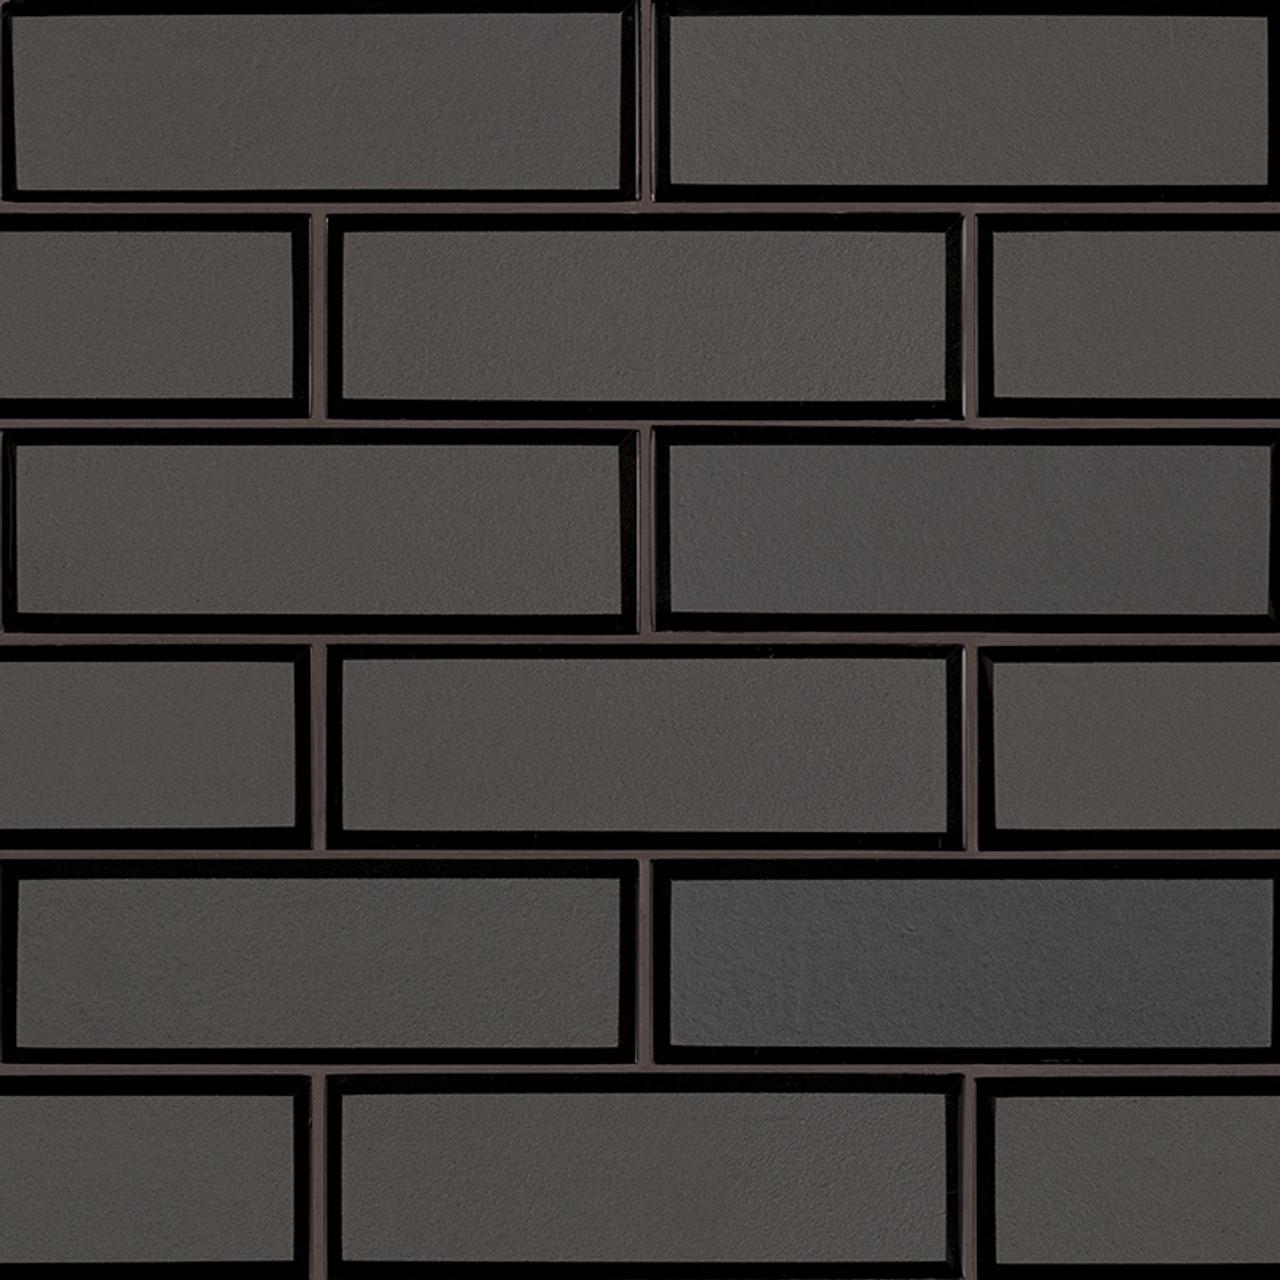 metallic gray bevel subway tile 2x6 mosaic